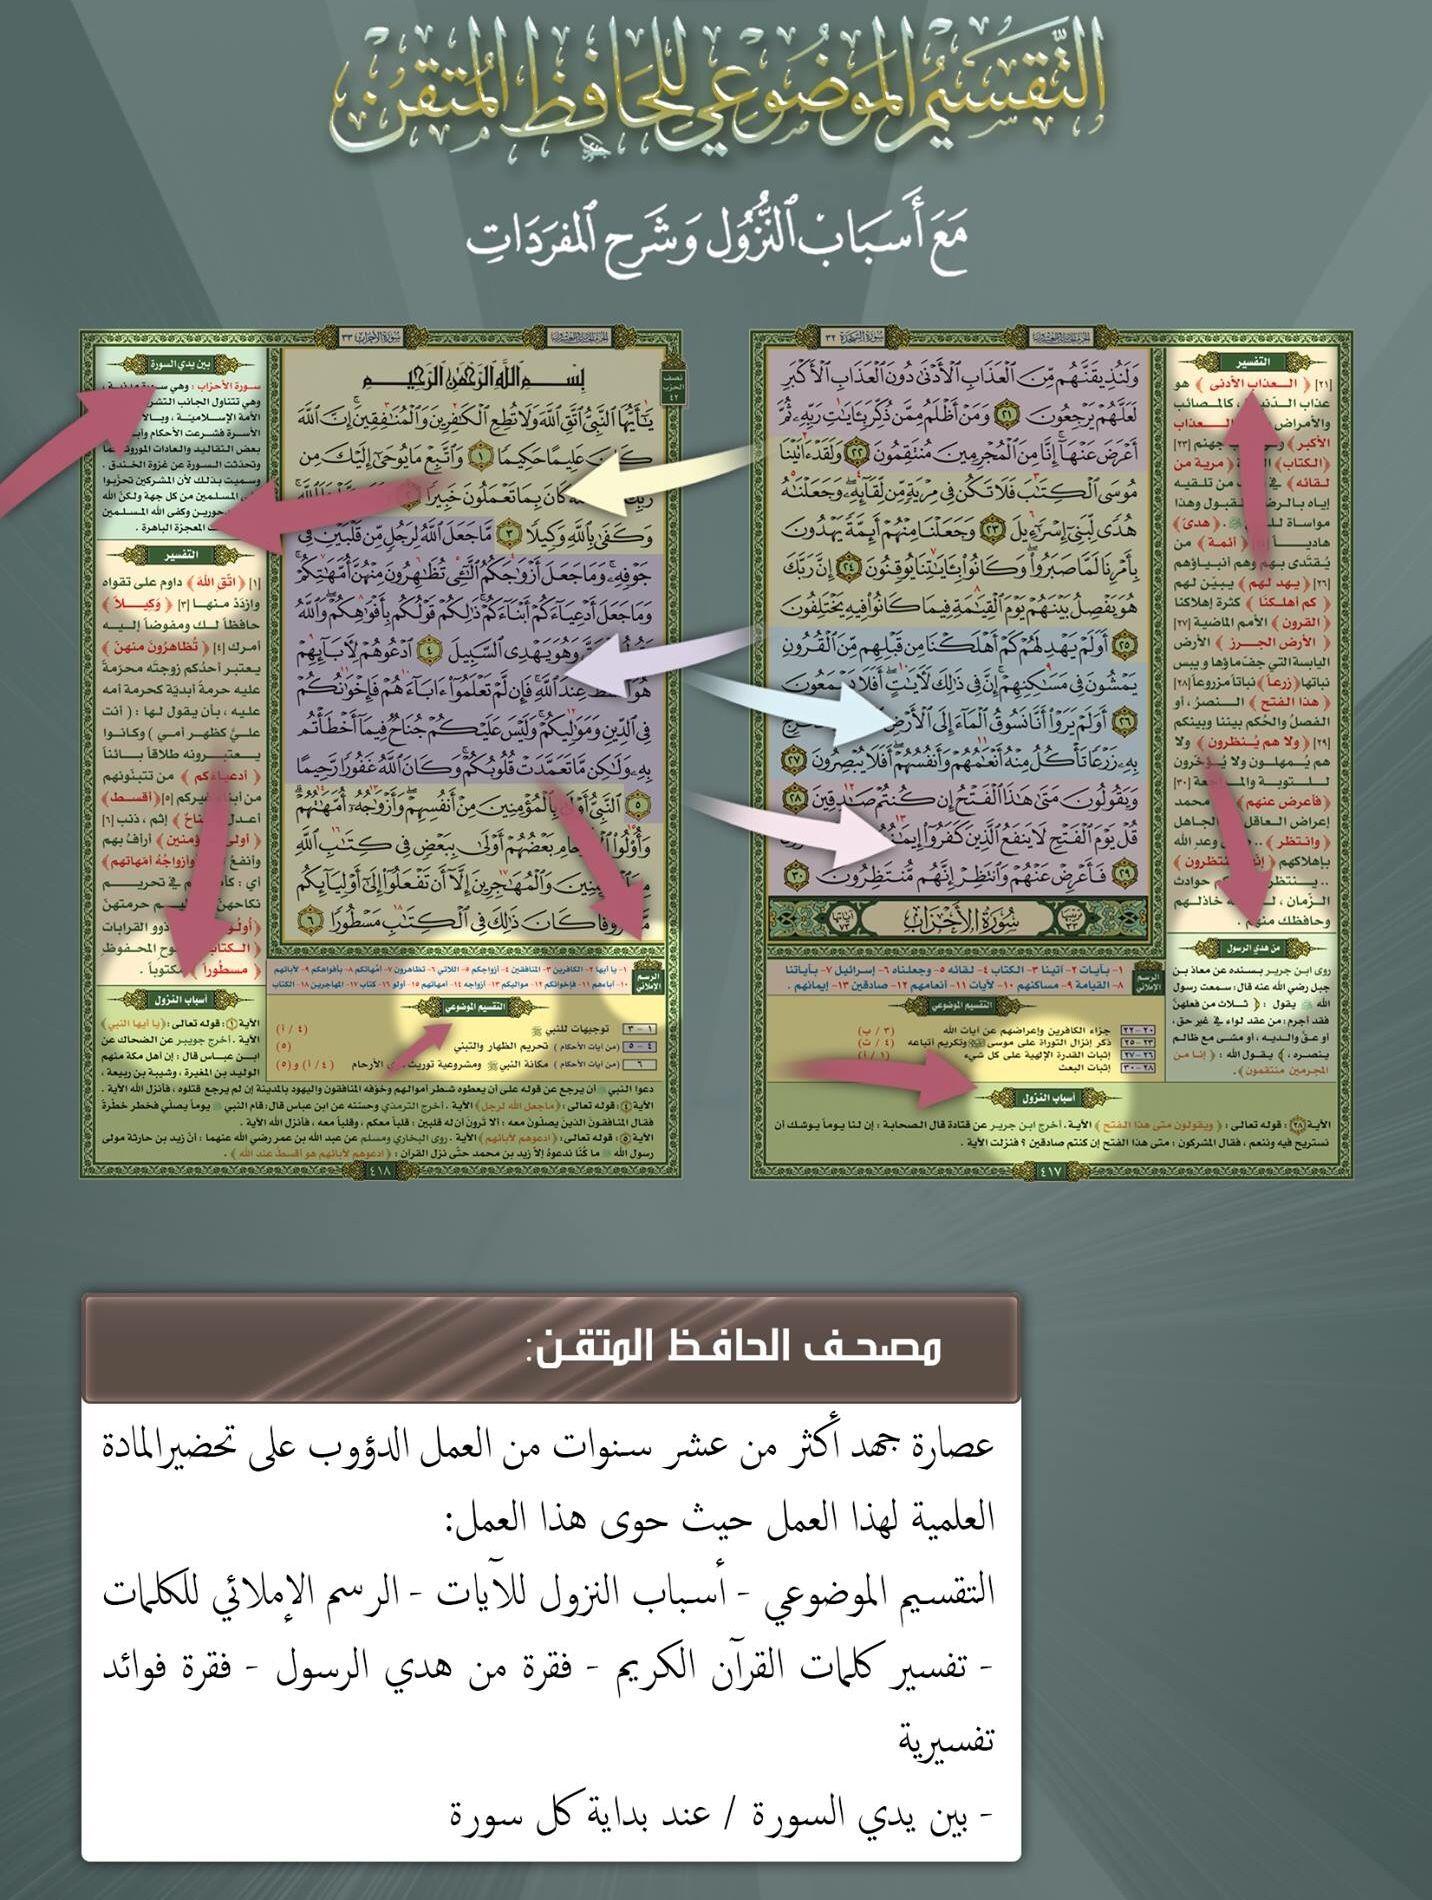 سورة البقرة مصحف التقسيم الموضوعي للحافظ المتقن Quran Karim Quran Bullet Journal